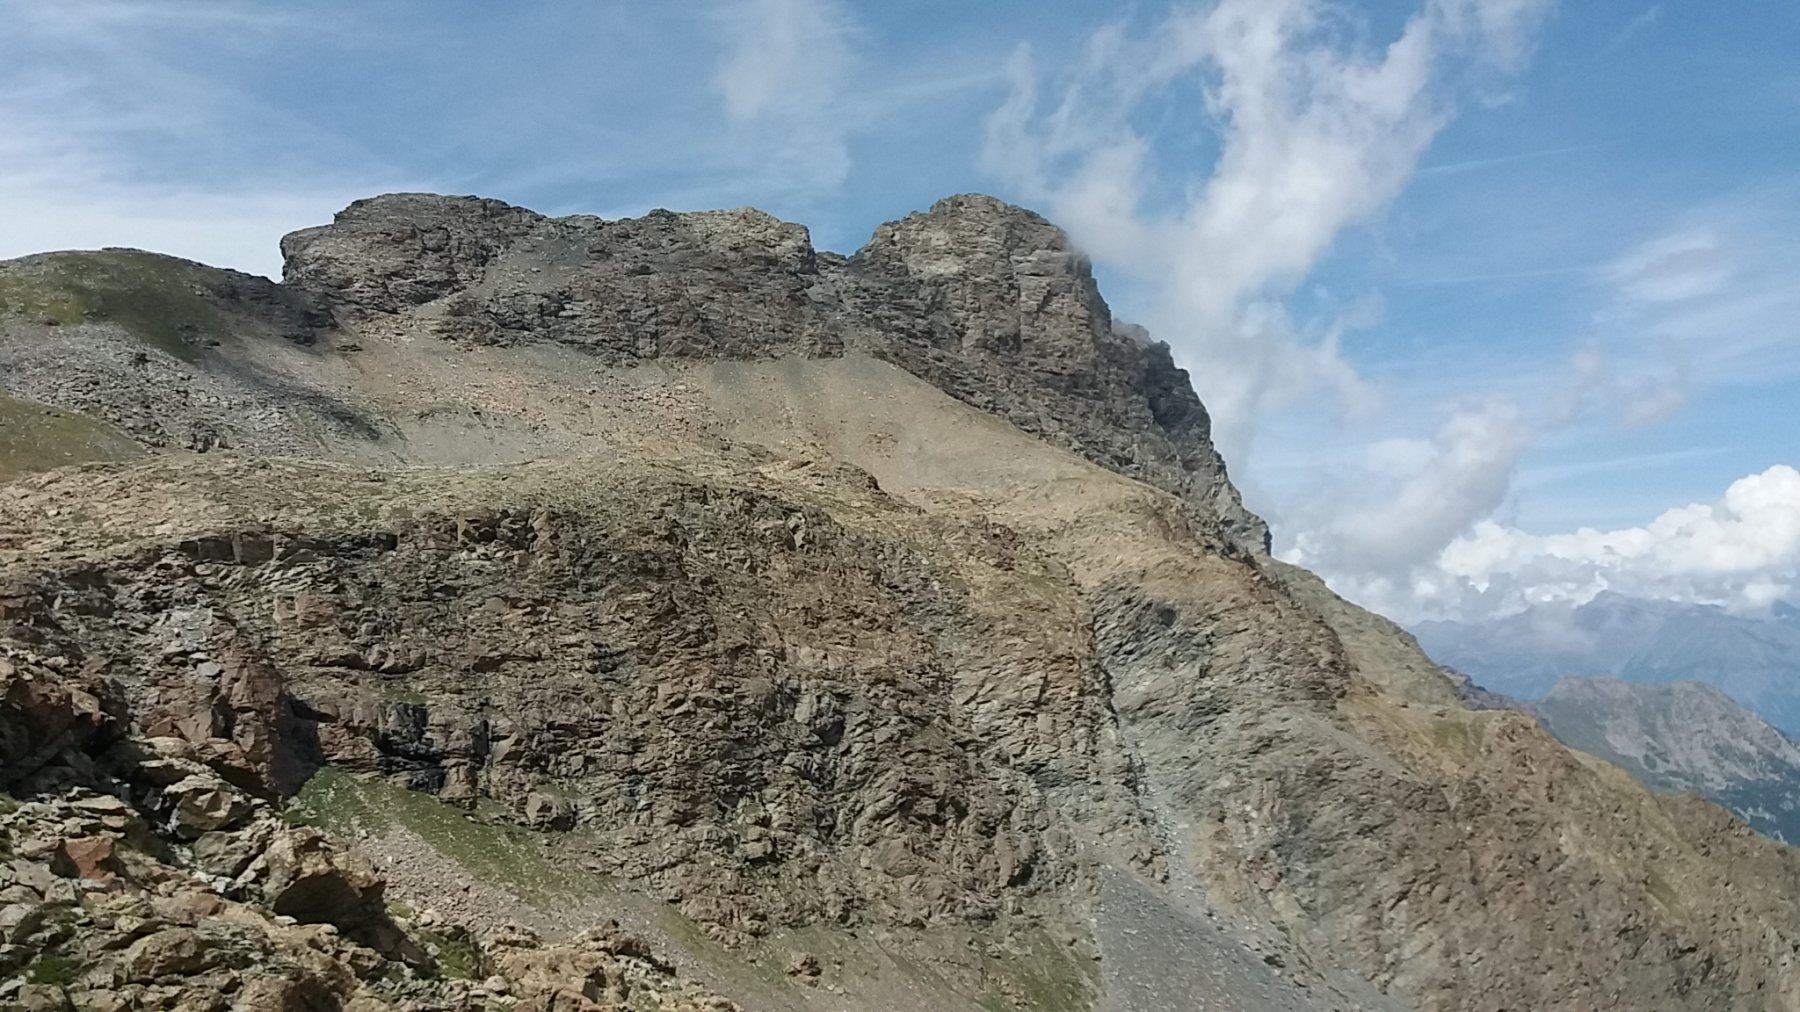 Il monte Avic visto dall'itinerario di salita